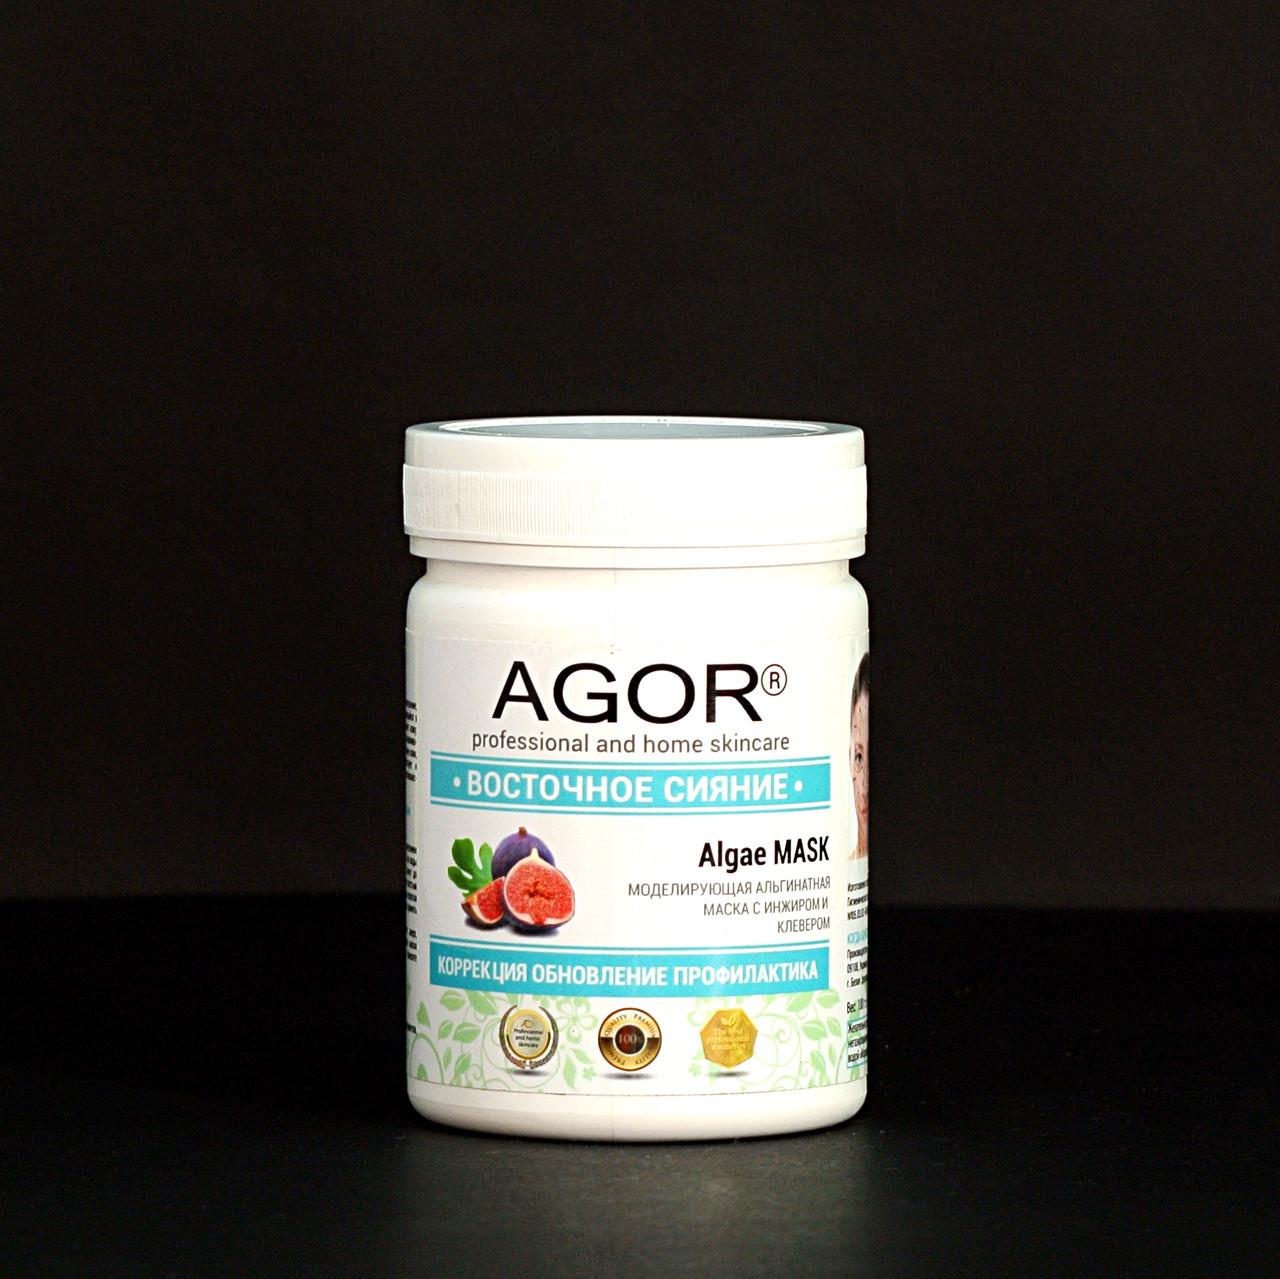 Альгінатна маска СХІДНЕ СЯЙВО від Agor 200 грам. Пом'якшує, живить, зволожує, відновлює шкіру